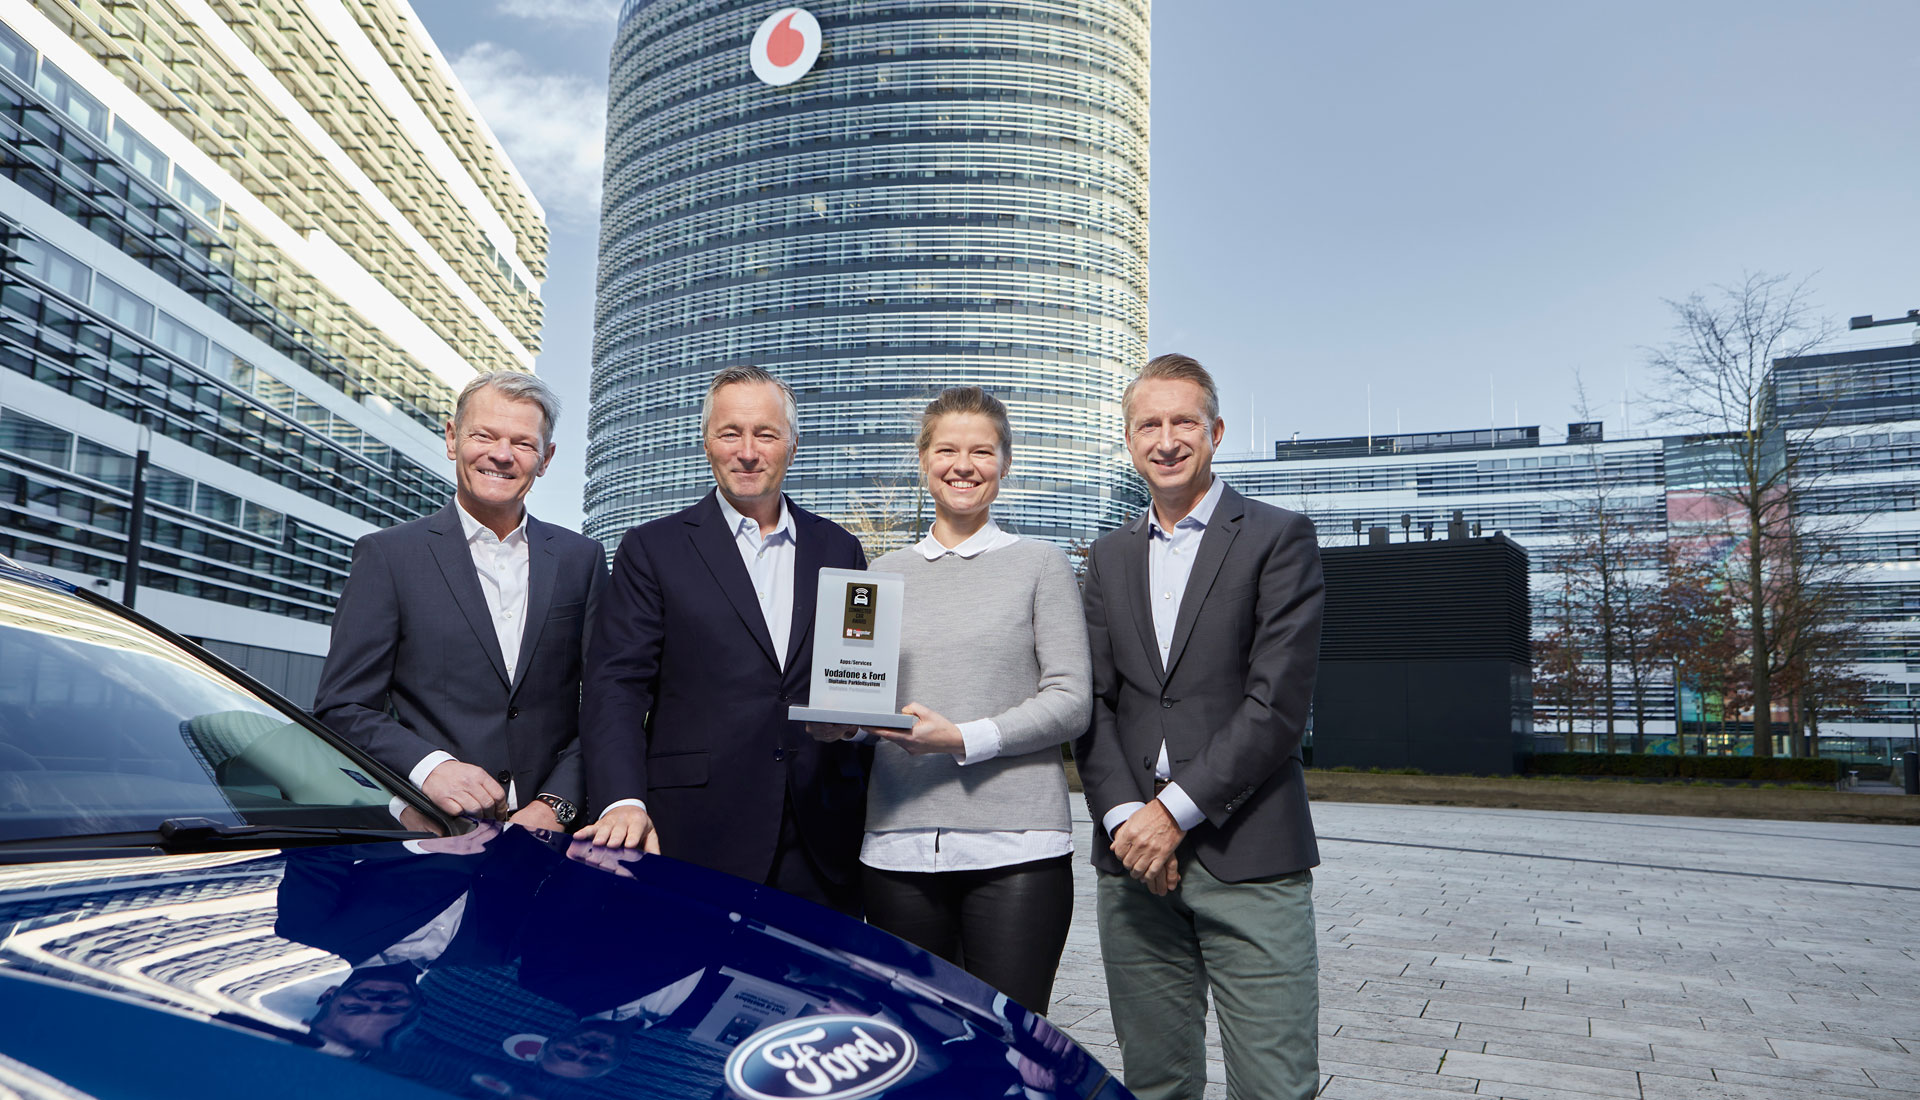 Nie mehr Parkplatzsuche. Vodafone und Ford gewinnen den Connected Car Award 2019.